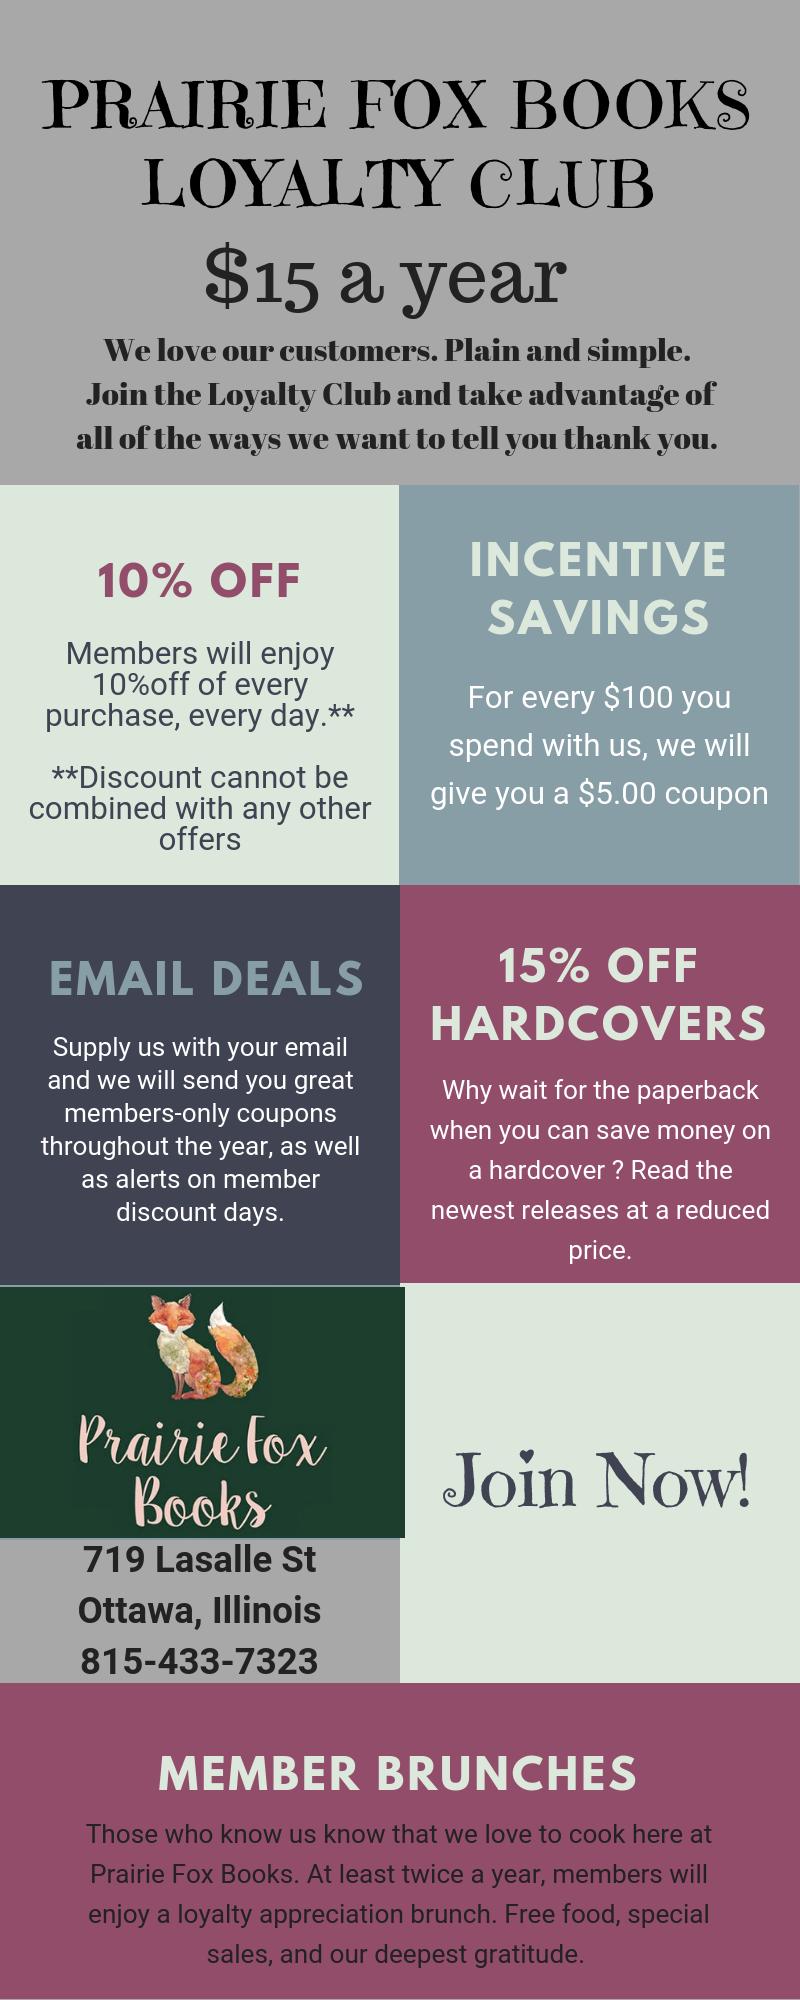 prairie fox booksloyalty club